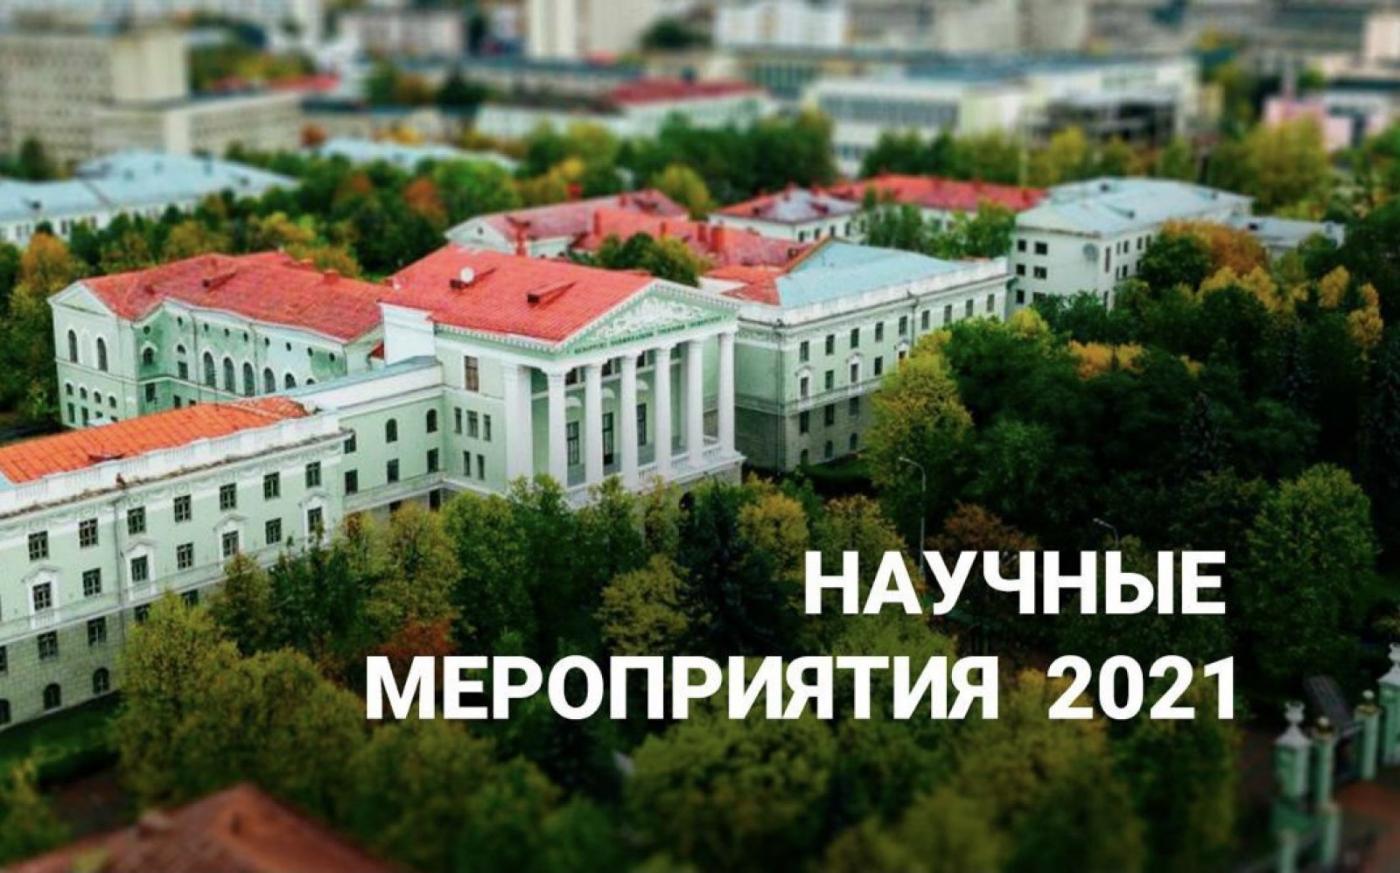 Какие научные конференции пройдут в БНТУ в этом году?